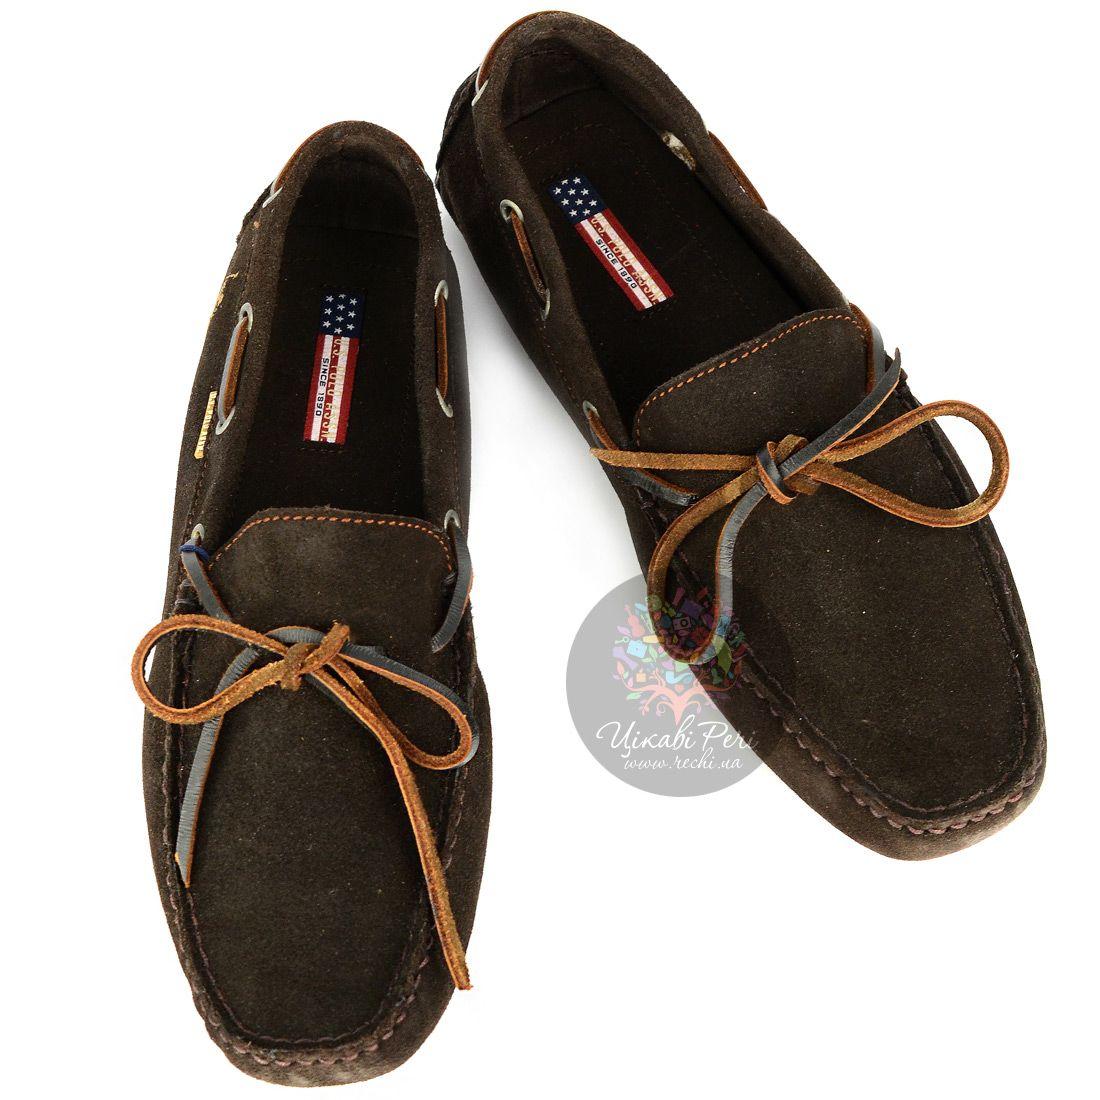 Мокасины U.S. Polo ASSN. из темно-коричненого замши со специальными шишечками на подошве